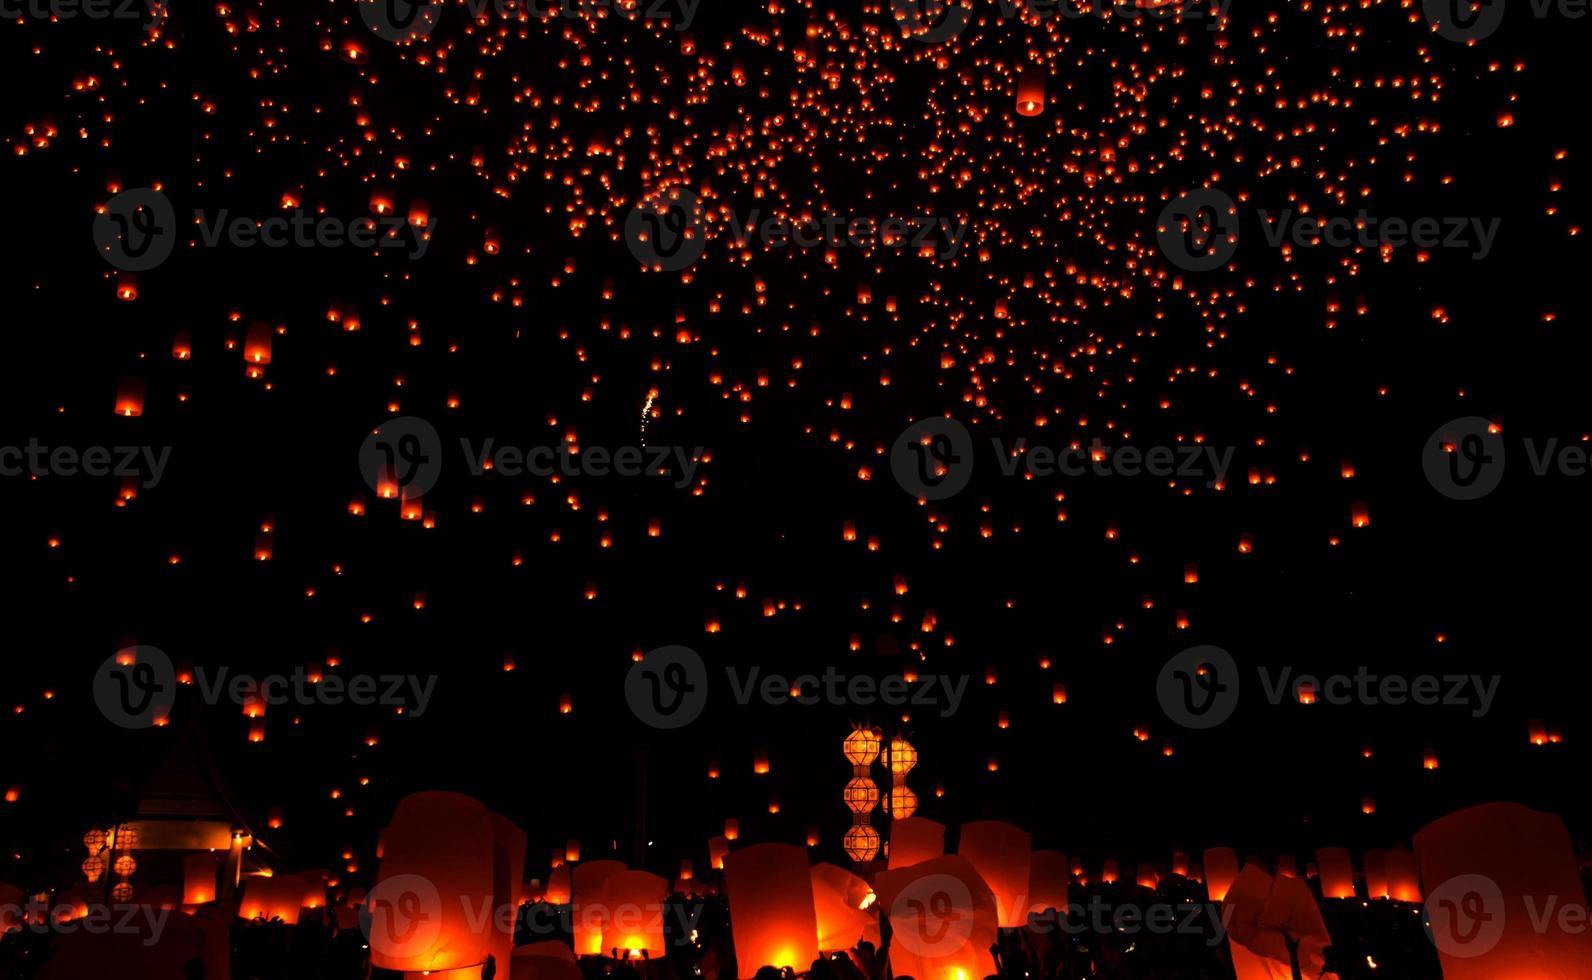 yee peng, lanterne céleste photo